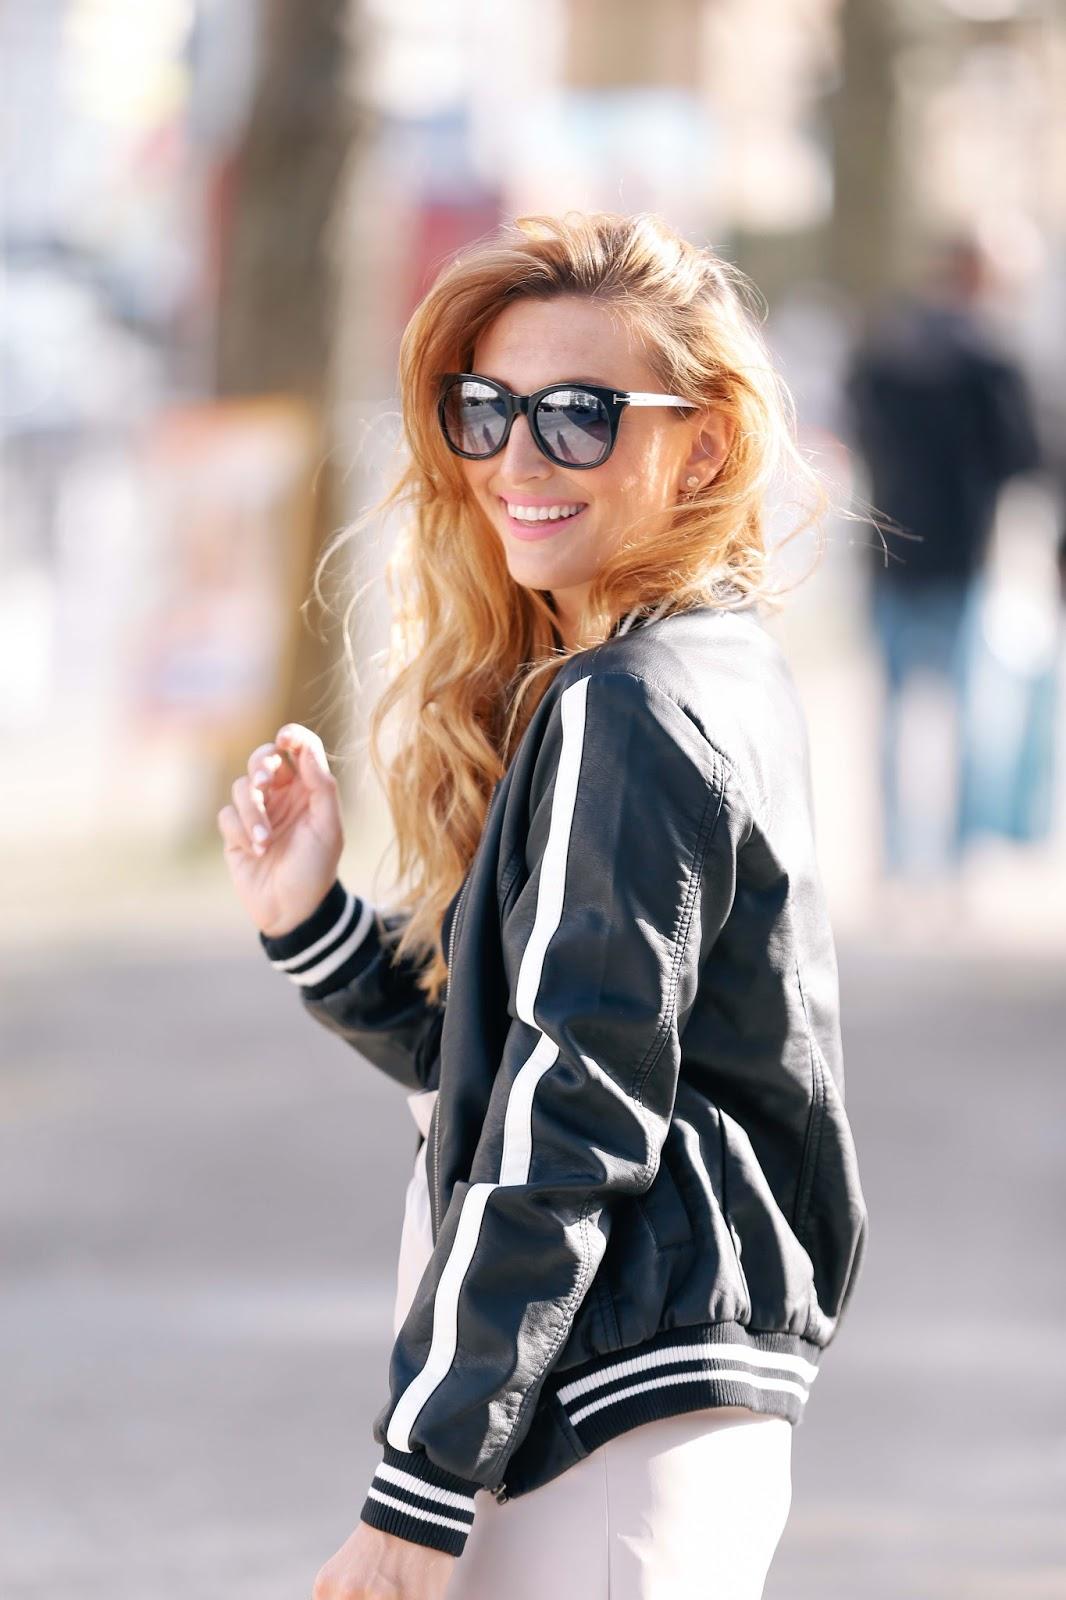 Blogger-aus-deutschland-deutsche-lifestyleblogger-deutsche-fashionblogger